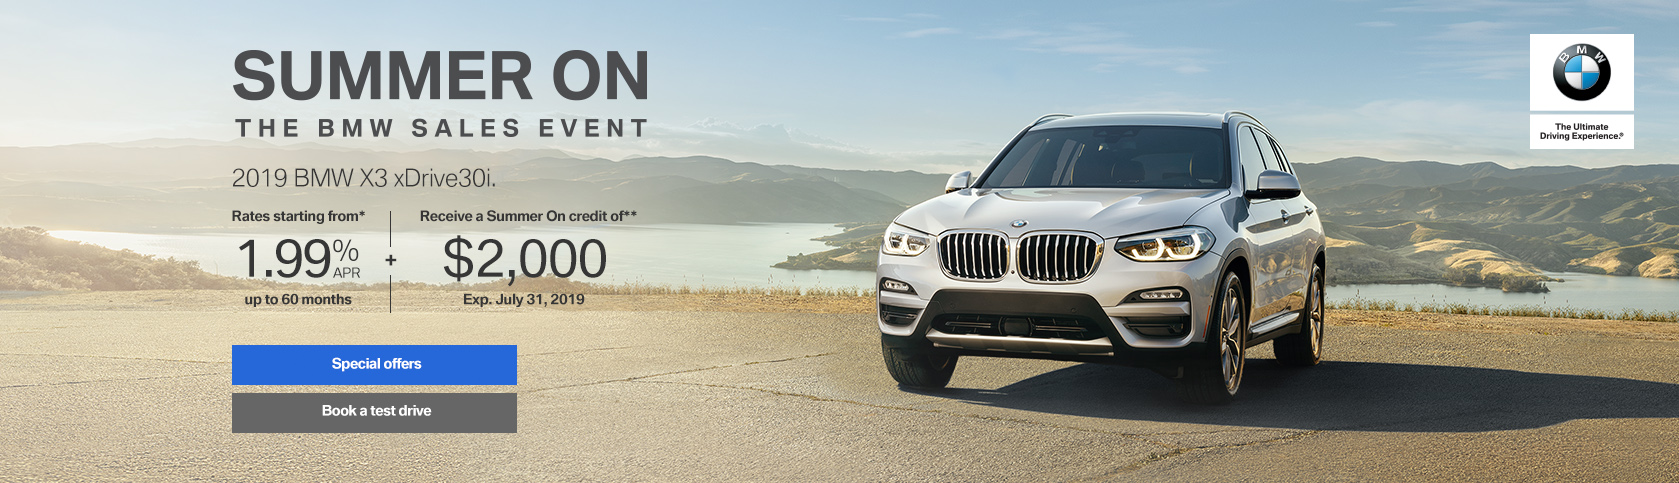 2019_BMW_JulyDAG_X3_Banner_1679x483_GTA